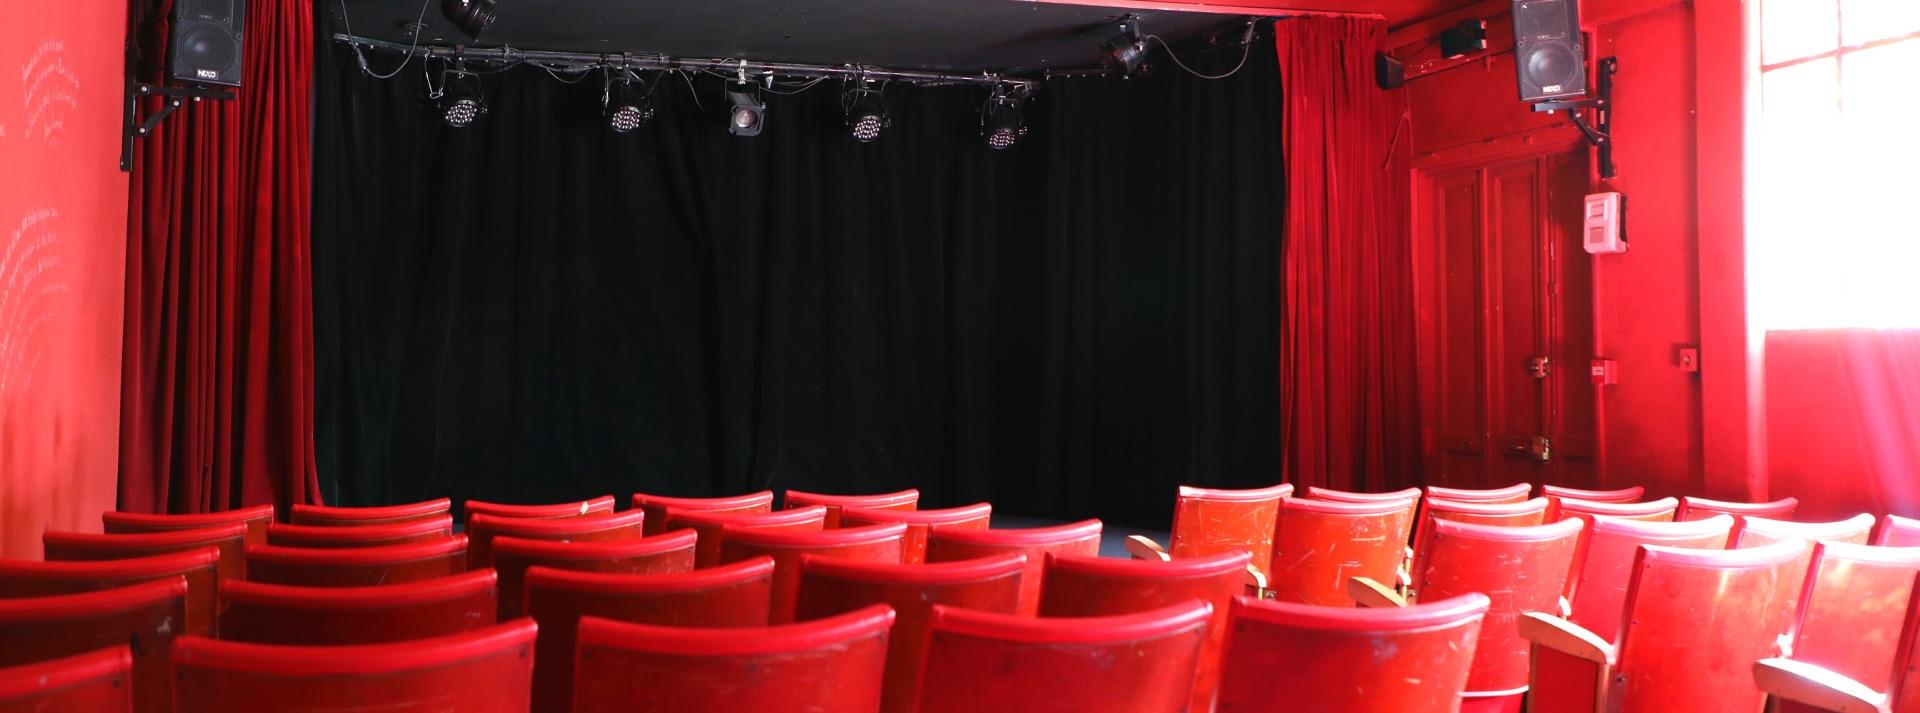 Devis pour louer une salle à Nantes  Séminaires, Assises, Grande salle, Réceptions, Location de salle, Location de salles, Traiteur, Pouvant accueillir, Sonorisation, Plusieurs salles, Louer une salle, Équipées, Salle de réunion, Modulable, Personnes assises, Salle de réception, Capacité d accueil, Salles de réunion, Superficie, Demi-journée, Vidéoprojecteur, Auditorium, Cocktail, Salles à louer, Modulables, Projecteur, Vidéo-projecteur, Salles de conférence, Petite salle, Réserver une salle, Salle de séminaire, Organiser un événement, Places assises, Salles de réunions, Location de salles de réunion, Sur demande, Locations de salles, Salle de conférence, Location de salle de réunion, Cocktails, Événements professionnels, Accueillir des réunions, Salles de séminaire, Lieu idéal, Convives, Réservations, Mariages, Réservation de la salle, Salles de réception, Louée, Salle à louer, Atypique, Différentes salles, Disposition des salles, Salle polyvalente, Multiples salles, Écran de projection, Salle peut accueillir, Vin d honneur, Salles de formation, Tarifs de location, Salle équipée, Espaces de réunion, Mobilité réduite, Dispose de salles, Peuvent accueillir, Lundi au vendredi, Disponibles à la location, Salle de formation, Salles disponibles, Tables et chaises, Salle de conférences, Réunions de travail, Personnes debout, Micros, Centre des congrès, Lumière du jour, Team-building, Demande de réservation, Rez-de-chaussée, Locations, Disposition de la salle, Vins d honneur, Salle de réunions, Familiaux, Présentations, Louées, Location d espaces, Buffets, Louez, Dînatoire, Coworking, Cosy, Cadre idéal, Salles de séminaires, Centre de la salle, Offrir une salle, Déjeuners, Polyvalente, Caution, Grande salle de réunion, Salles du château, Salles de banquet, Trouver une salle, Règlement intérieur, Trois salles, Assemblées générales, Réservation de salles de réunion, Chaque salle, Grande salle de conférence, Espace de coworking, Haut-débit, Selon vos besoins, Traiteurs, Pré r